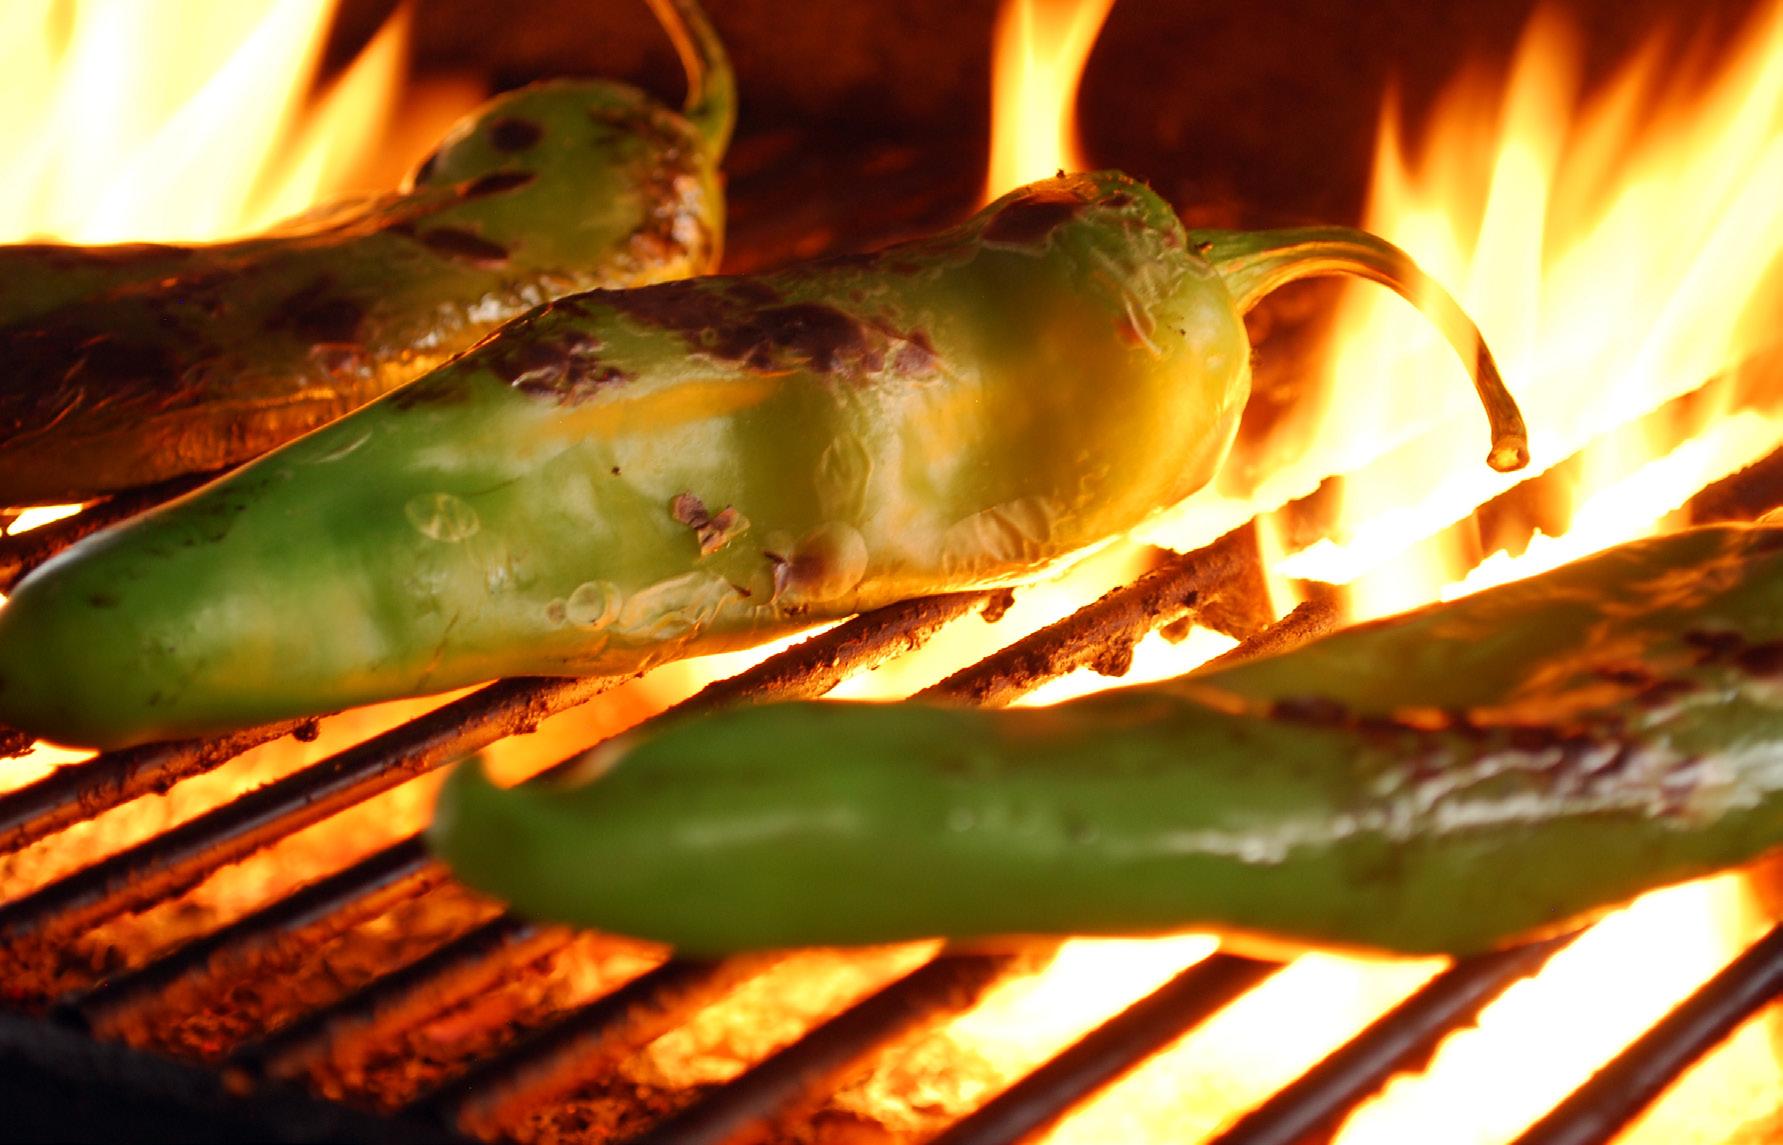 roasted chilis